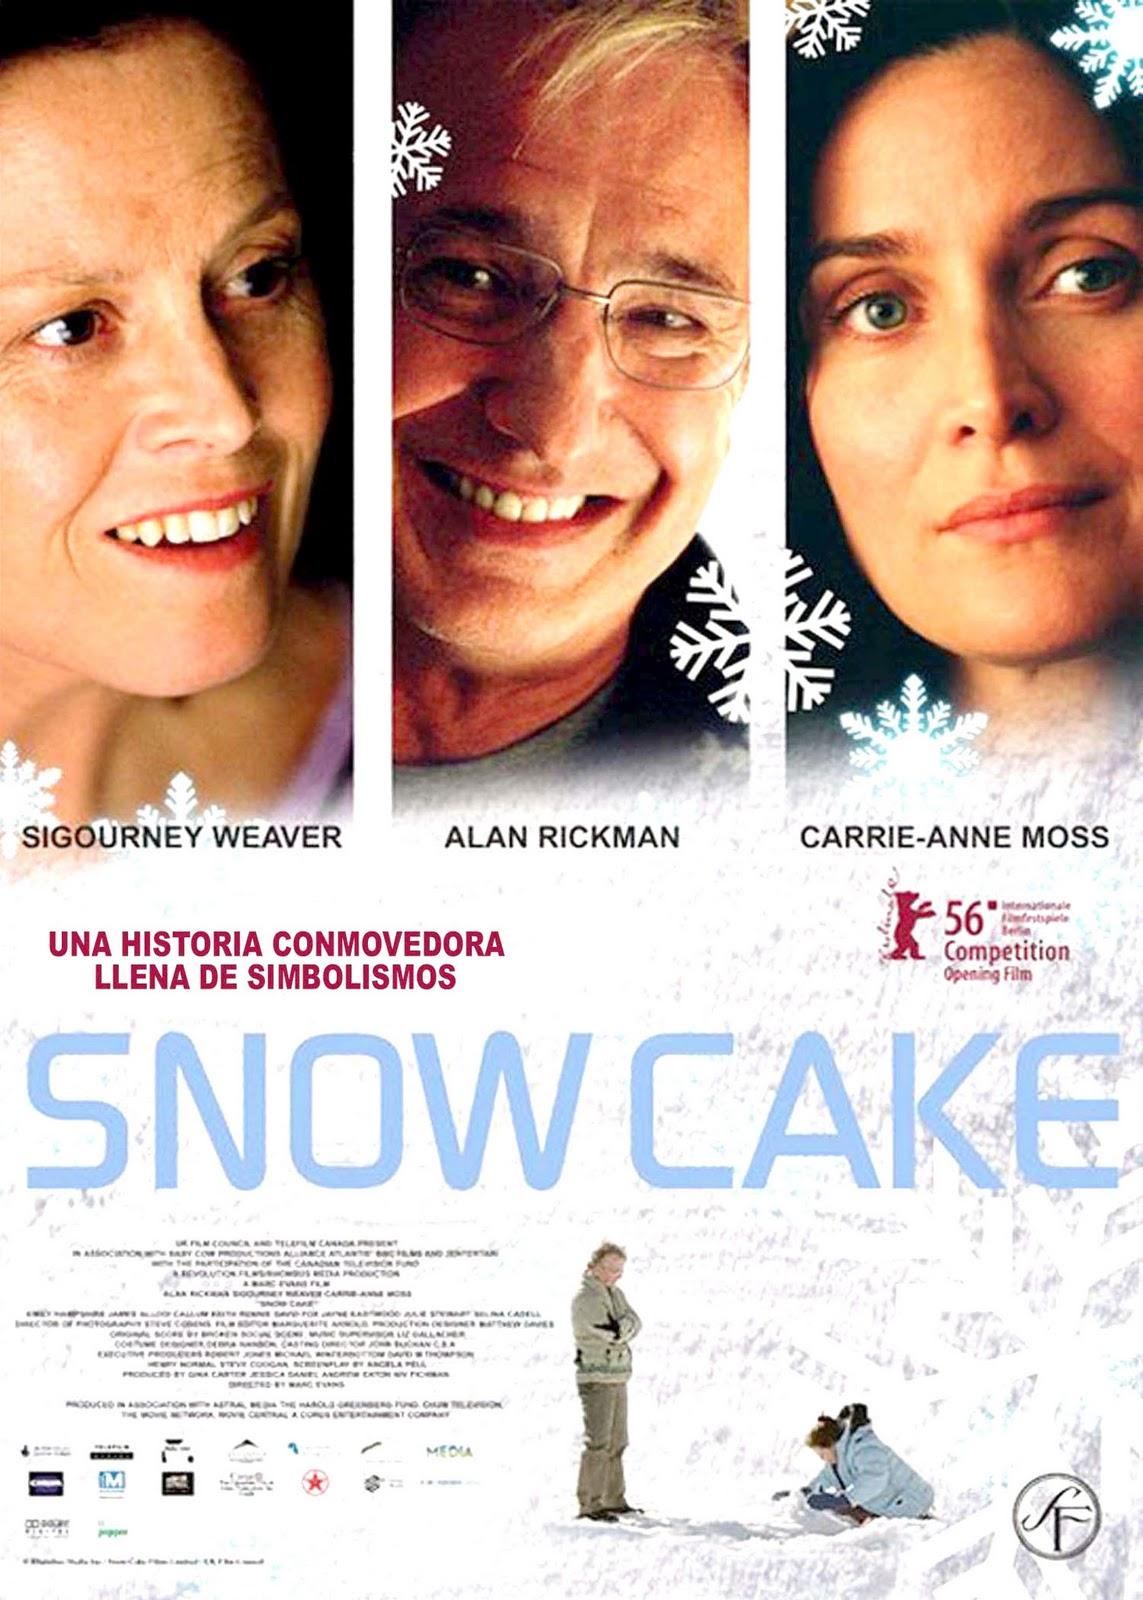 http://4.bp.blogspot.com/-y6okgqu3ppc/TsKly-BOejI/AAAAAAAAATg/f8WeJjAYQyo/s1600/Snow+Cake.jpg